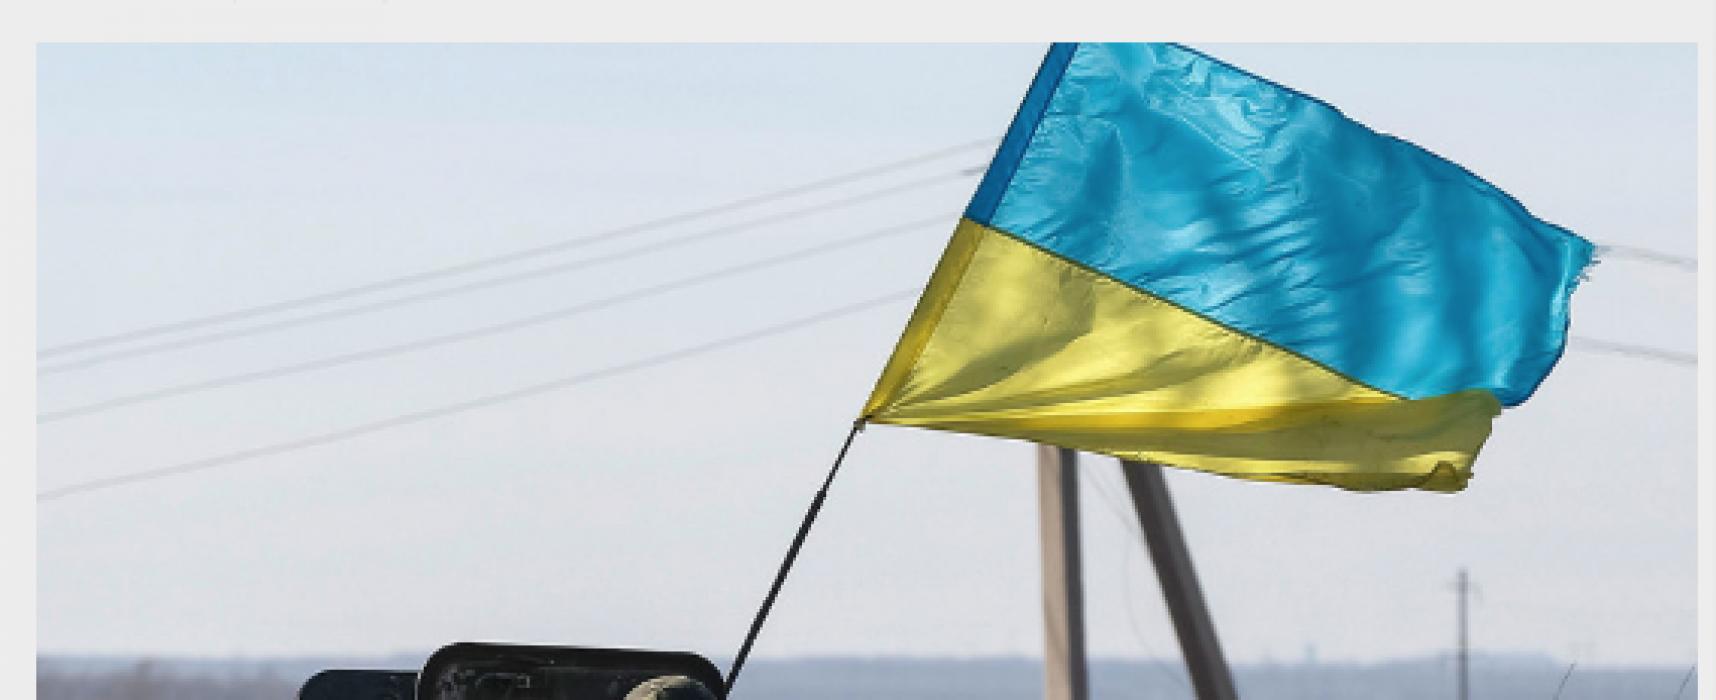 Fake: Ukrainian Military Suffer Losses in Eastern Ukraine